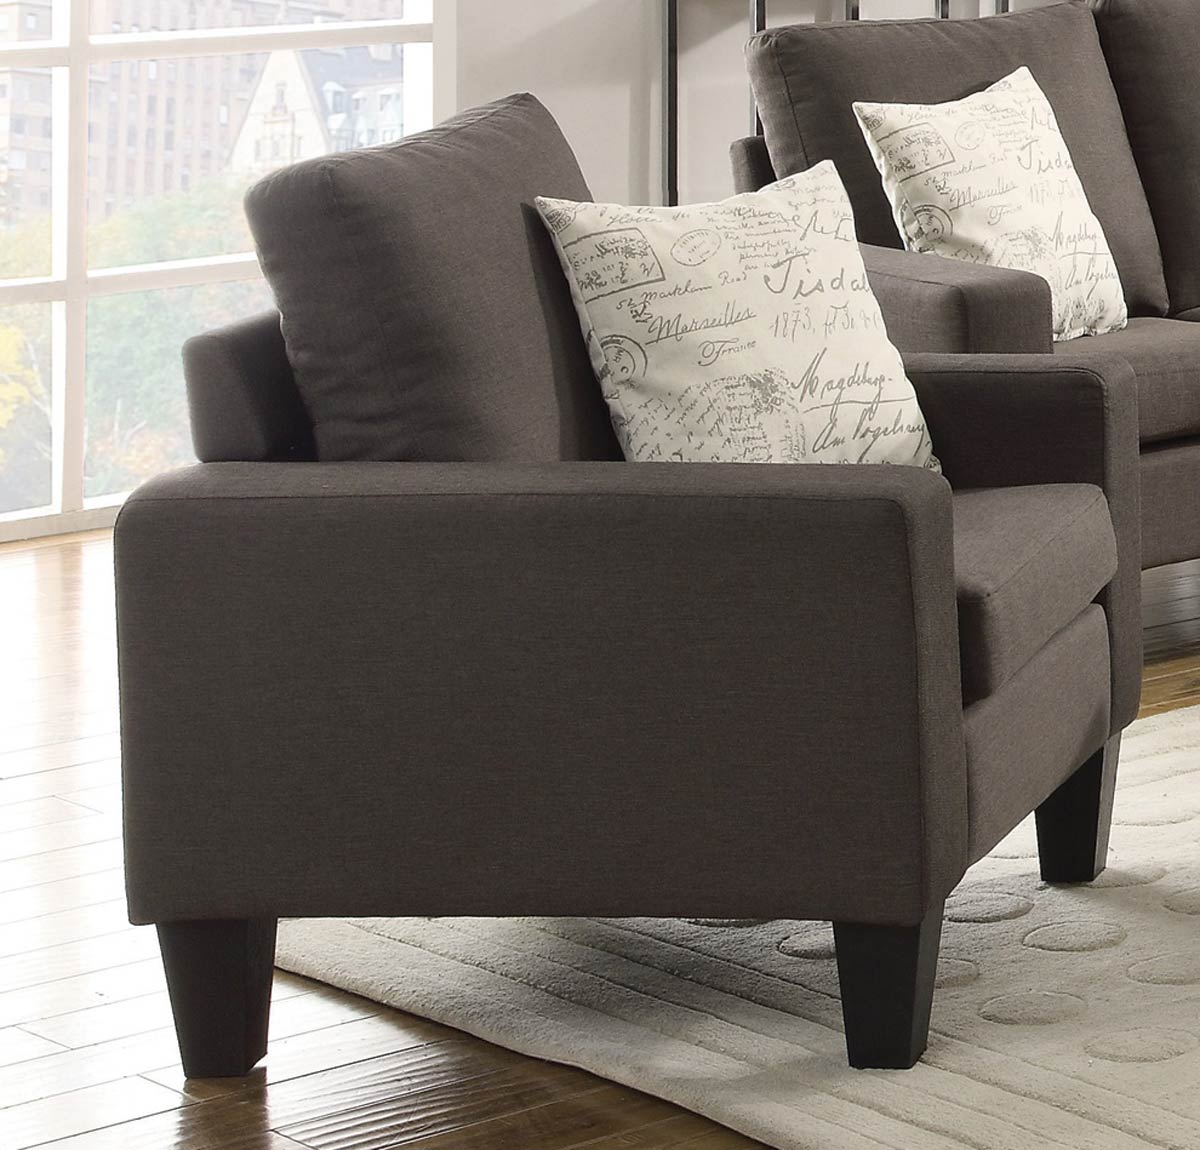 Coaster Bachman Chair - Grey